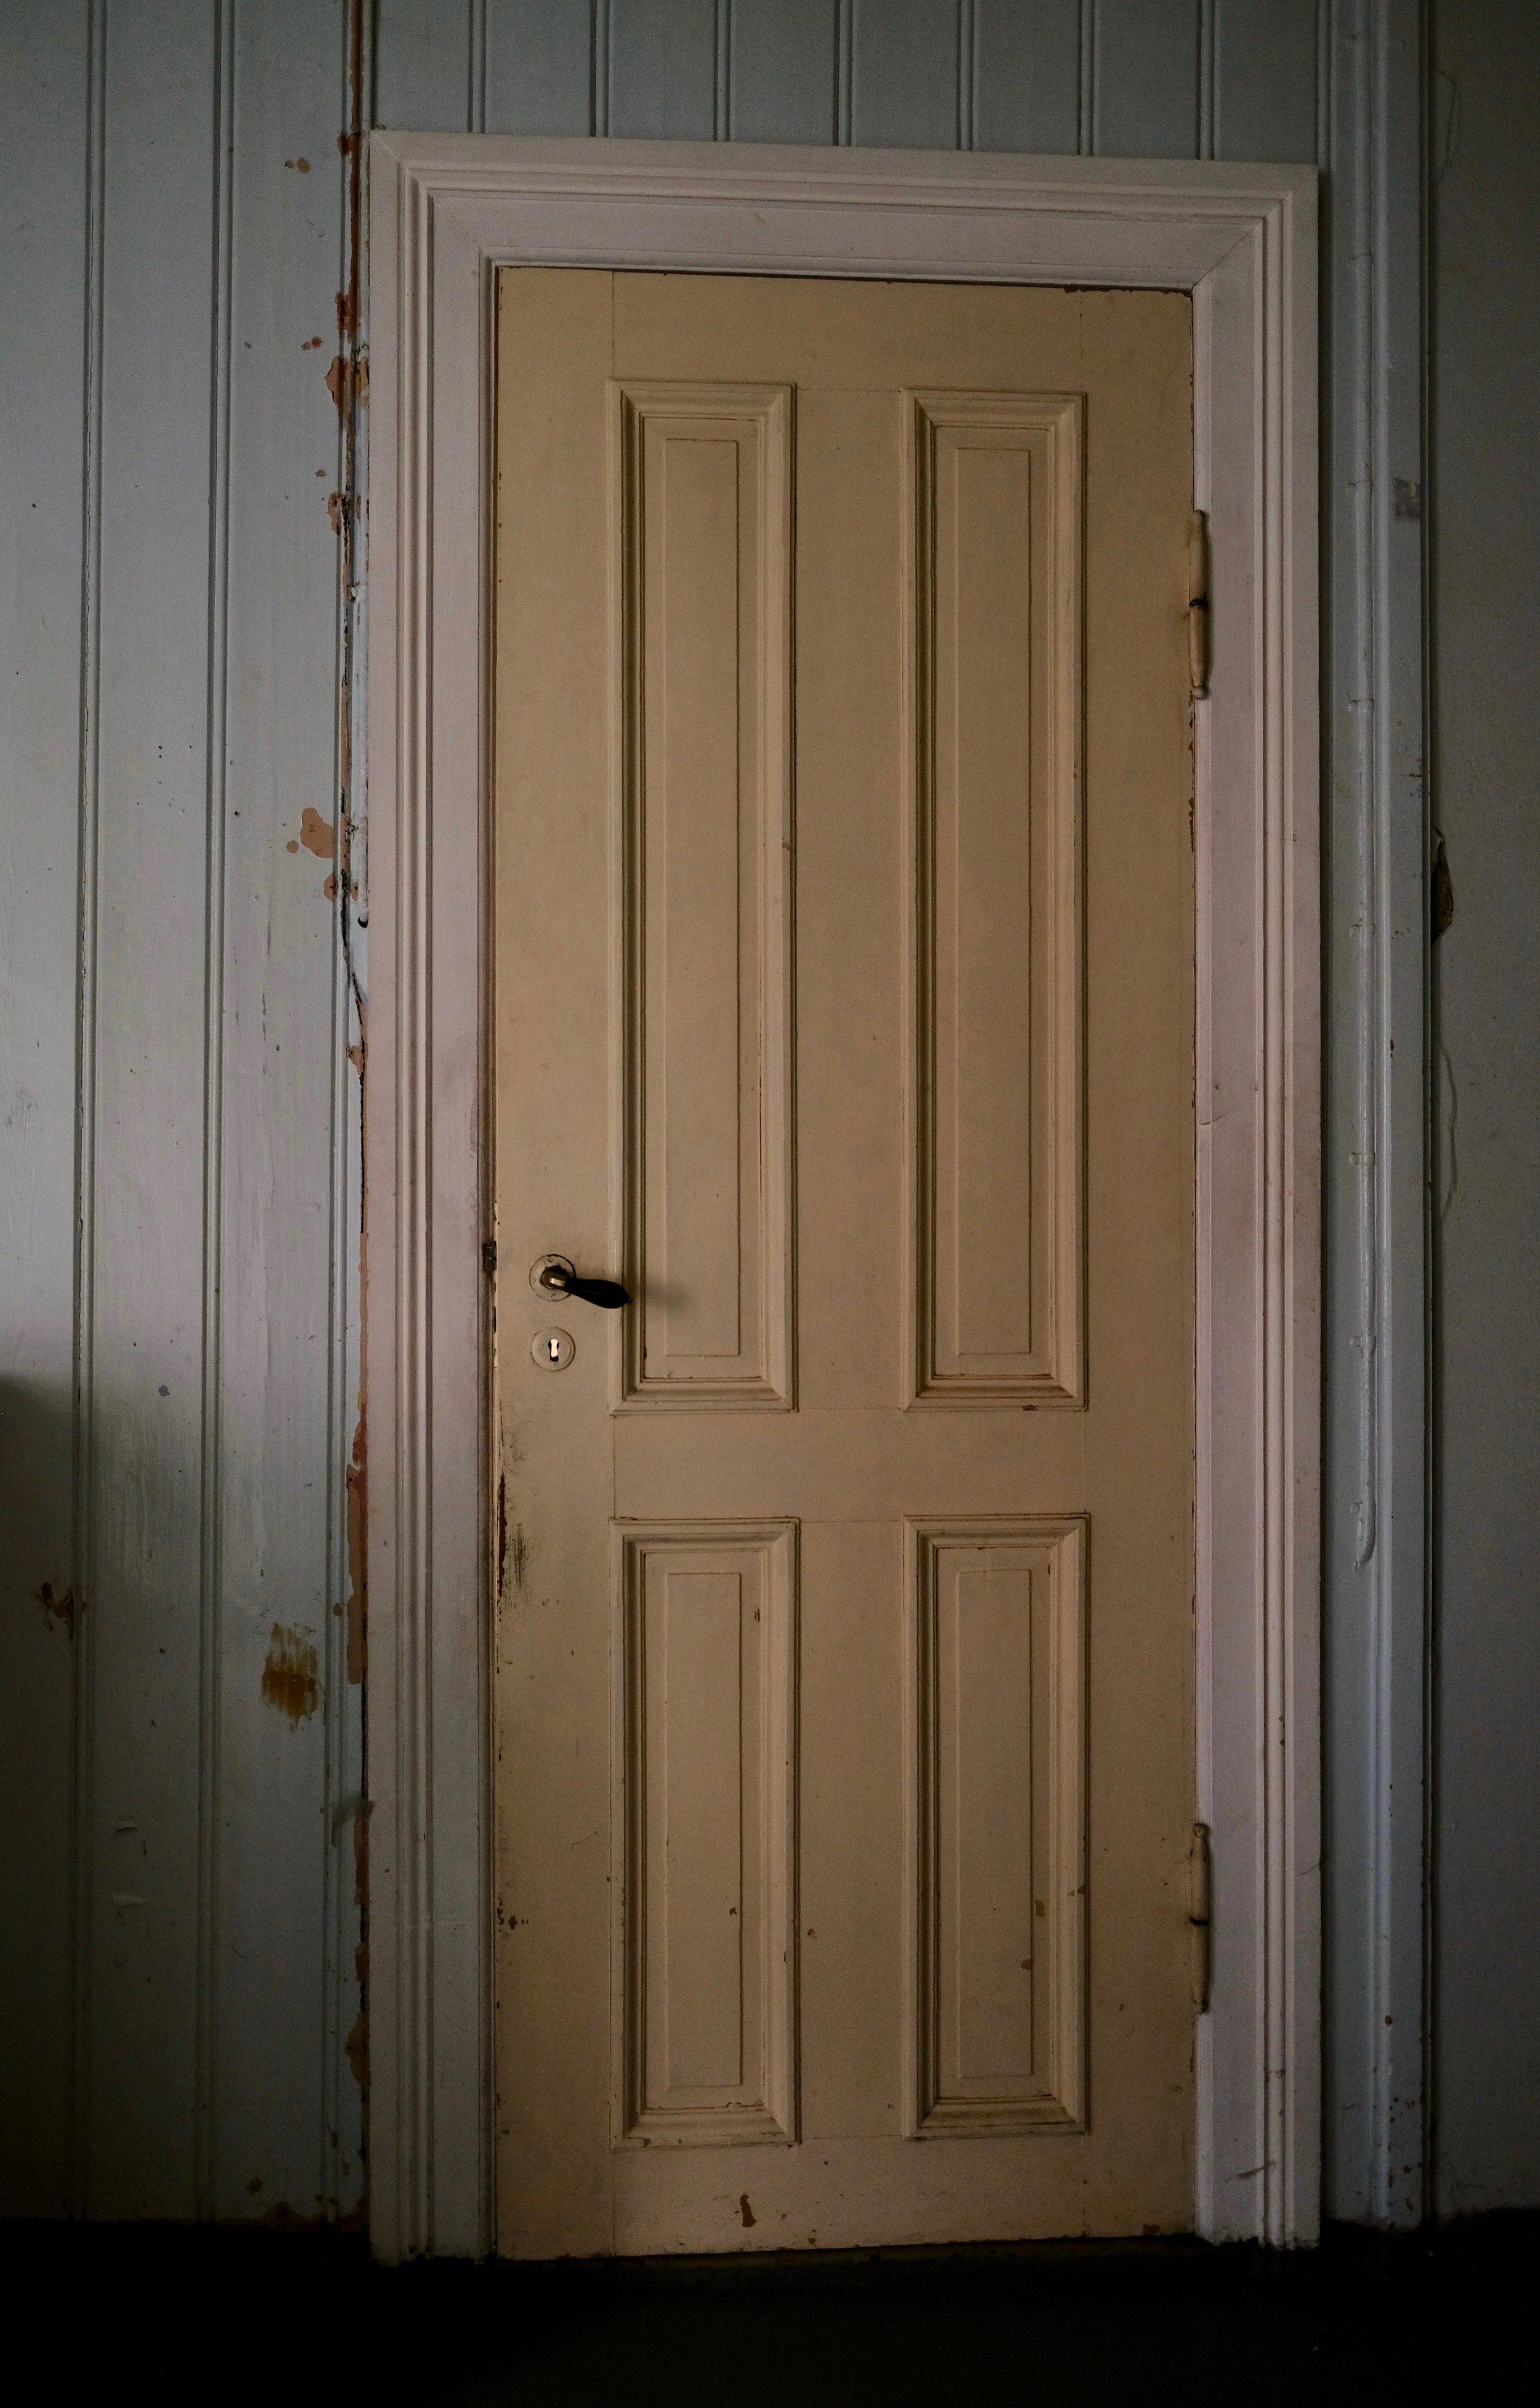 Ei anna av dørene i det blå romet